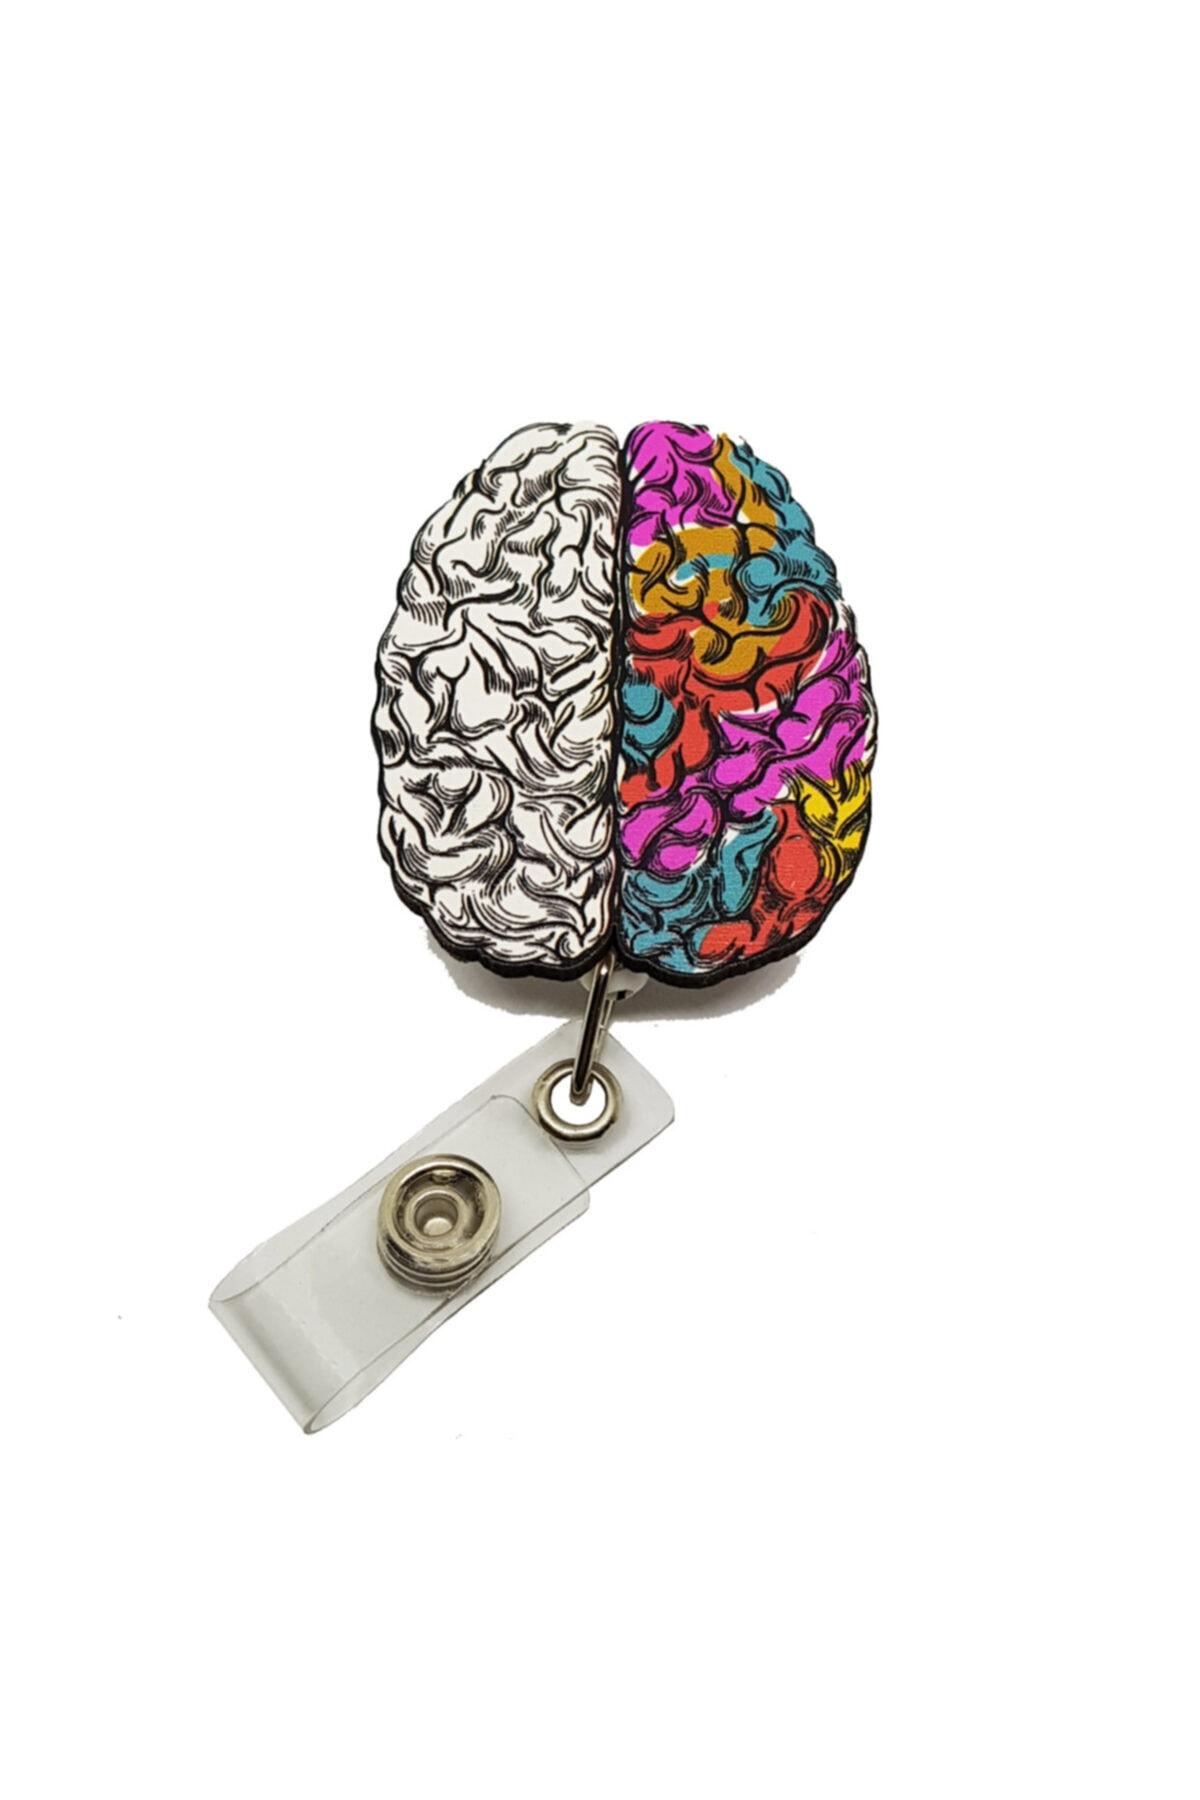 Latissime Sanatçı Beyin Yoyo Kartlık 1